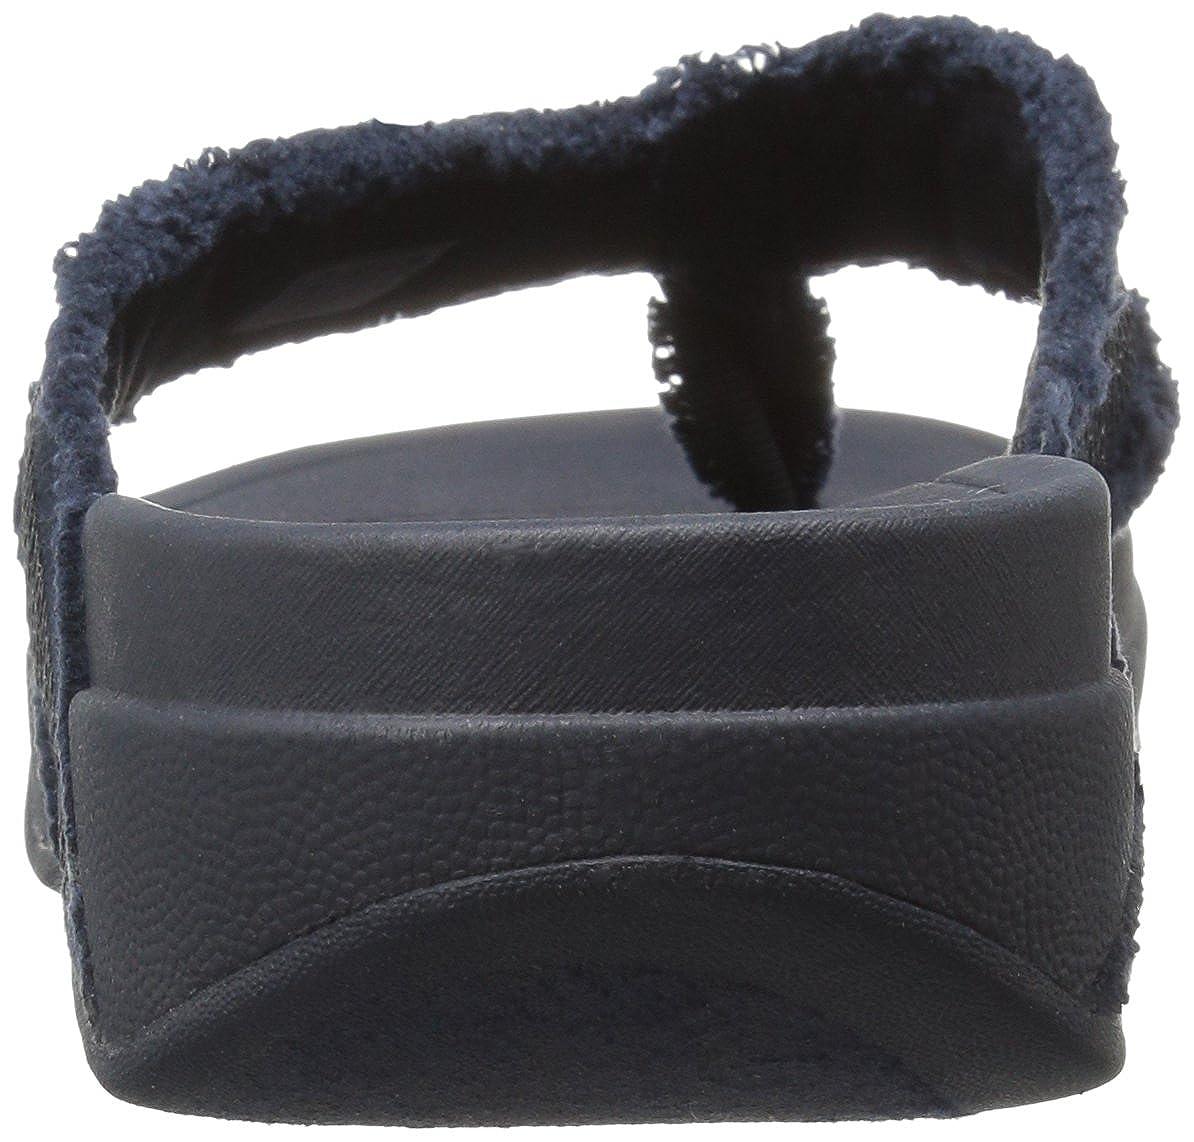 c4160392e Fitflop Women s Surfa Sequin Flip Flop  Amazon.co.uk  Shoes   Bags